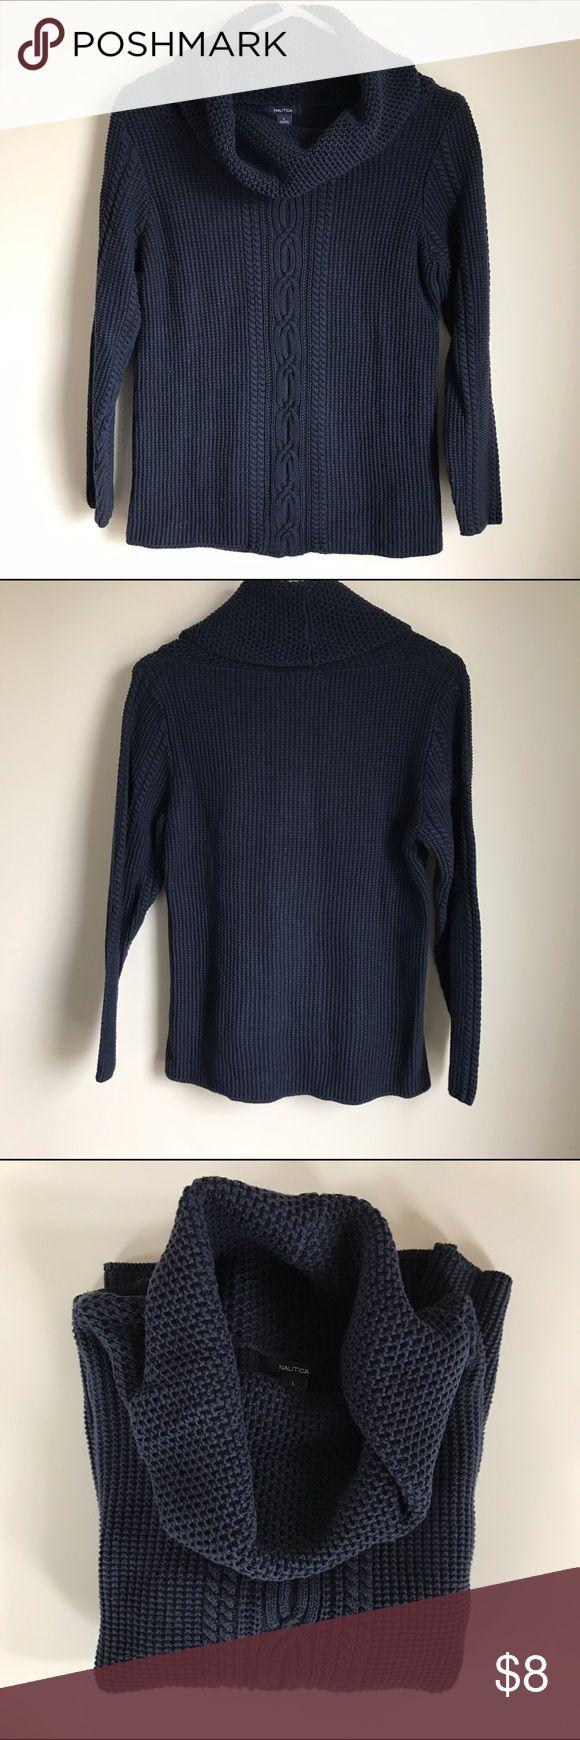 🎈Sweater Sale Nautica Mix Knit Cowlneck Cozy navy blue Mix Knit Cowlneck. Excellent condition. Size Large. Nautica Sweaters Cowl & Turtlenecks